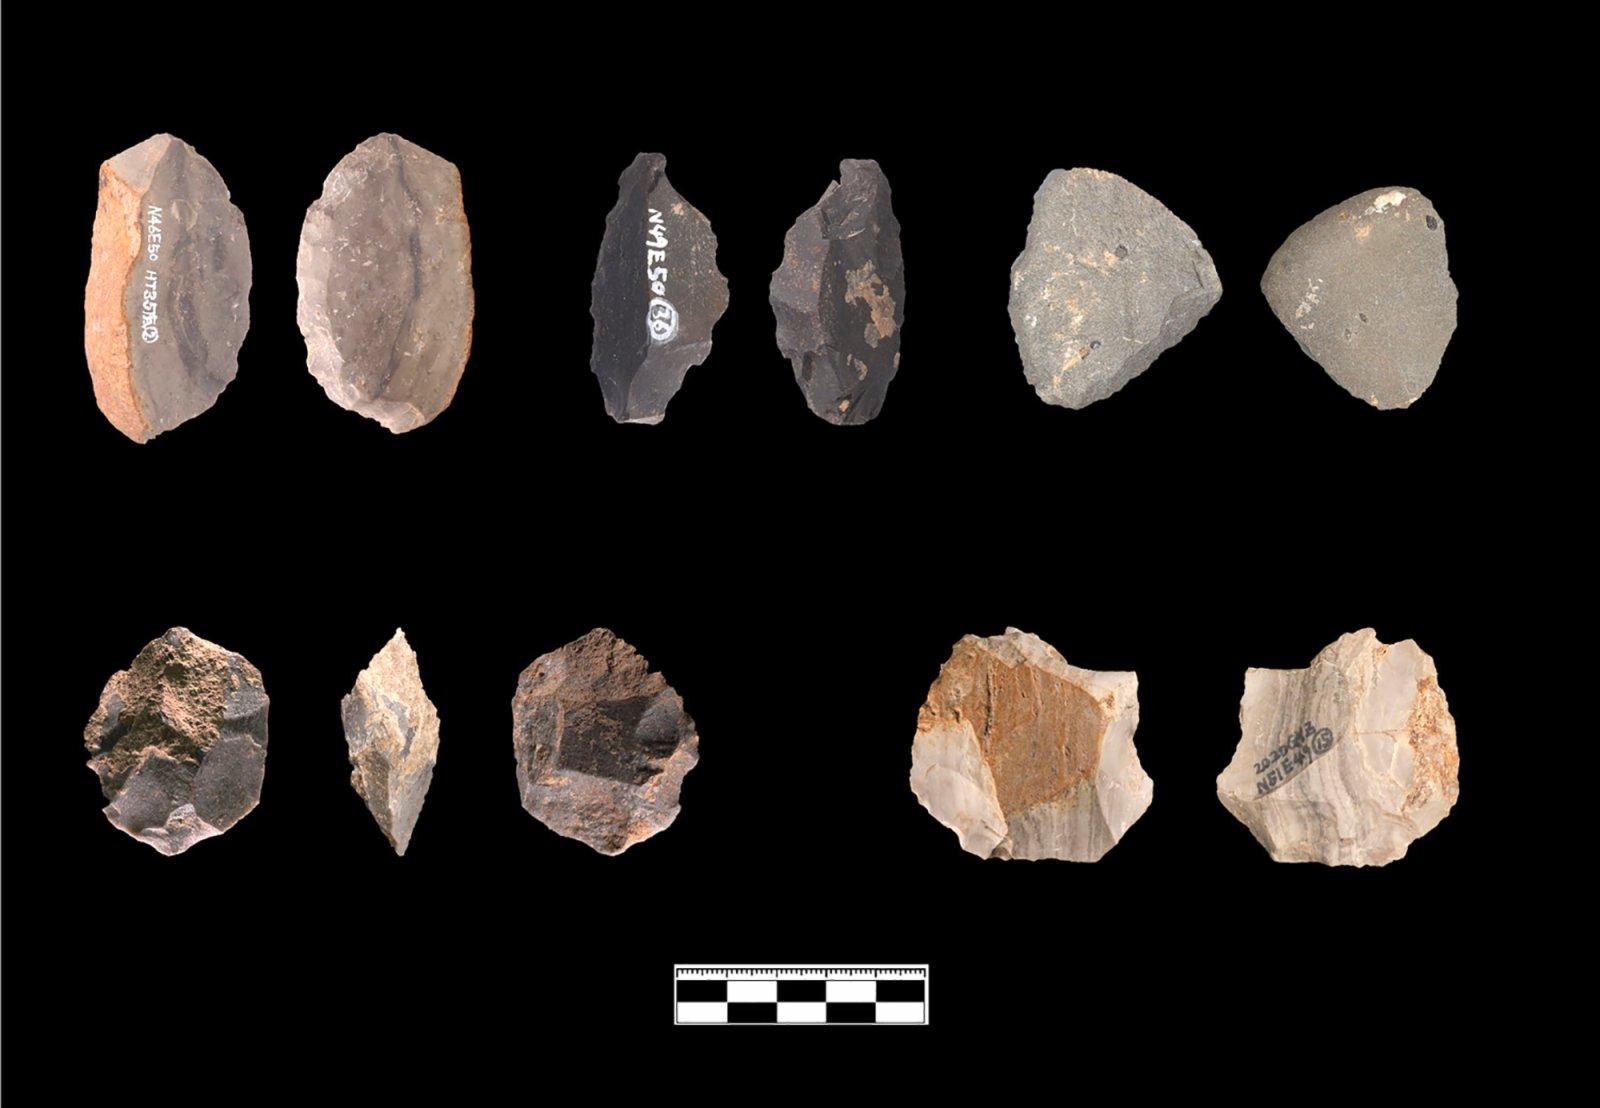 貴州貴安新區招果洞遺址出土的打制石器(資料照片)。